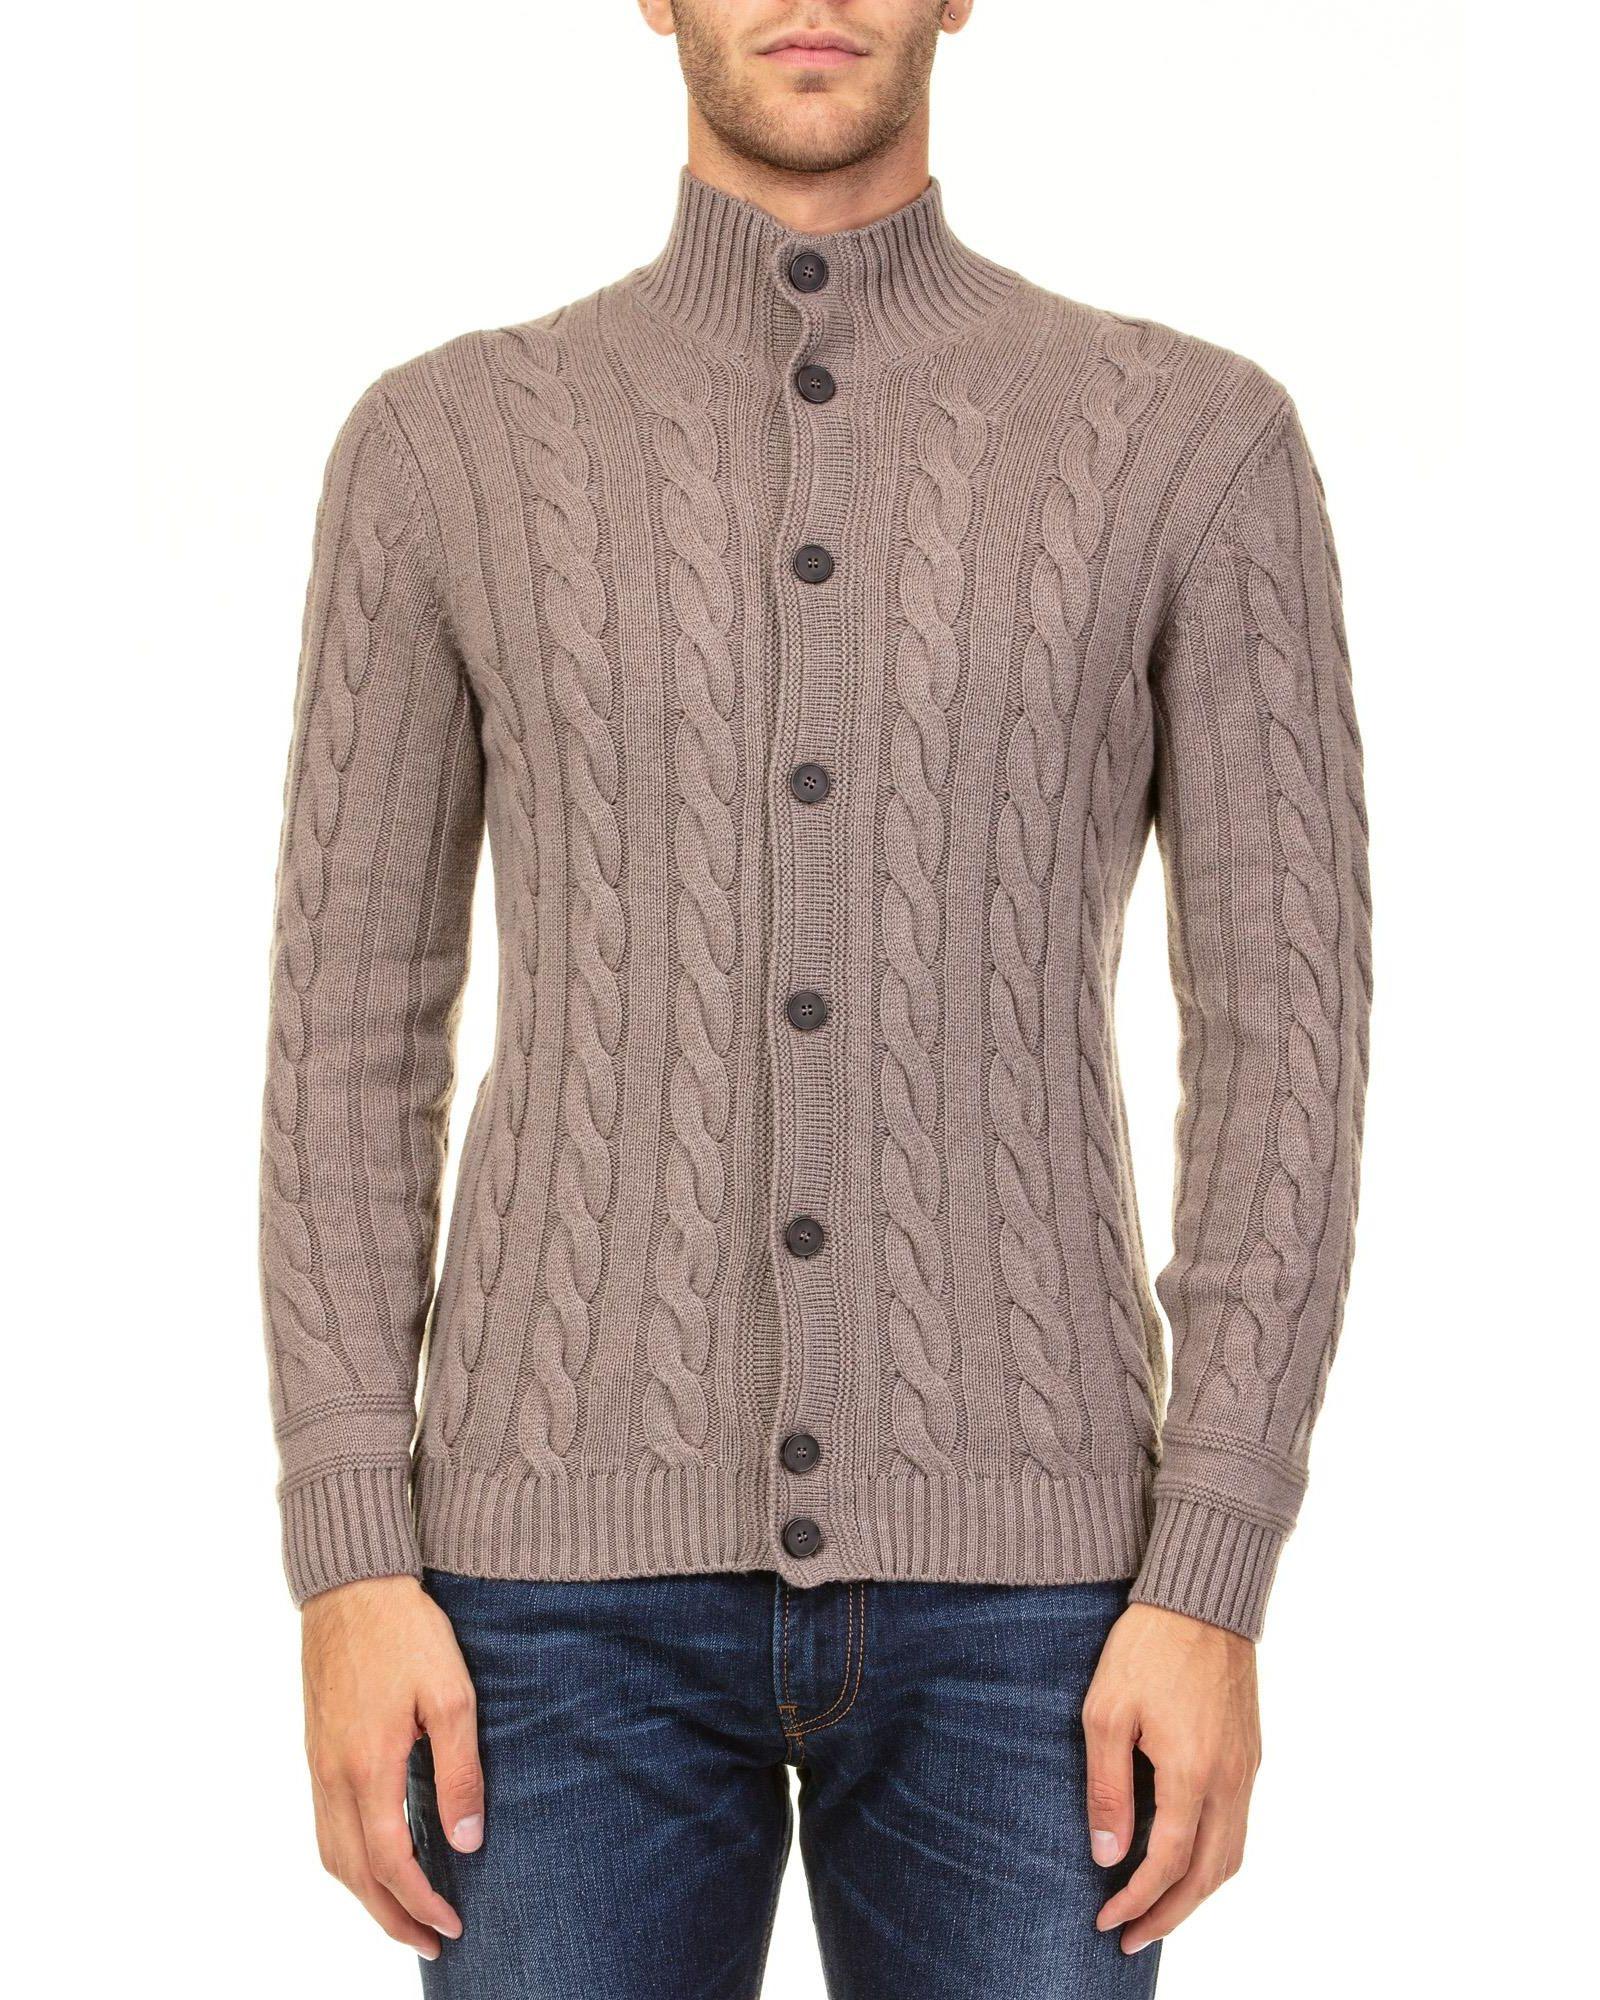 KANGRA Wool Blend Cardigan in Brown